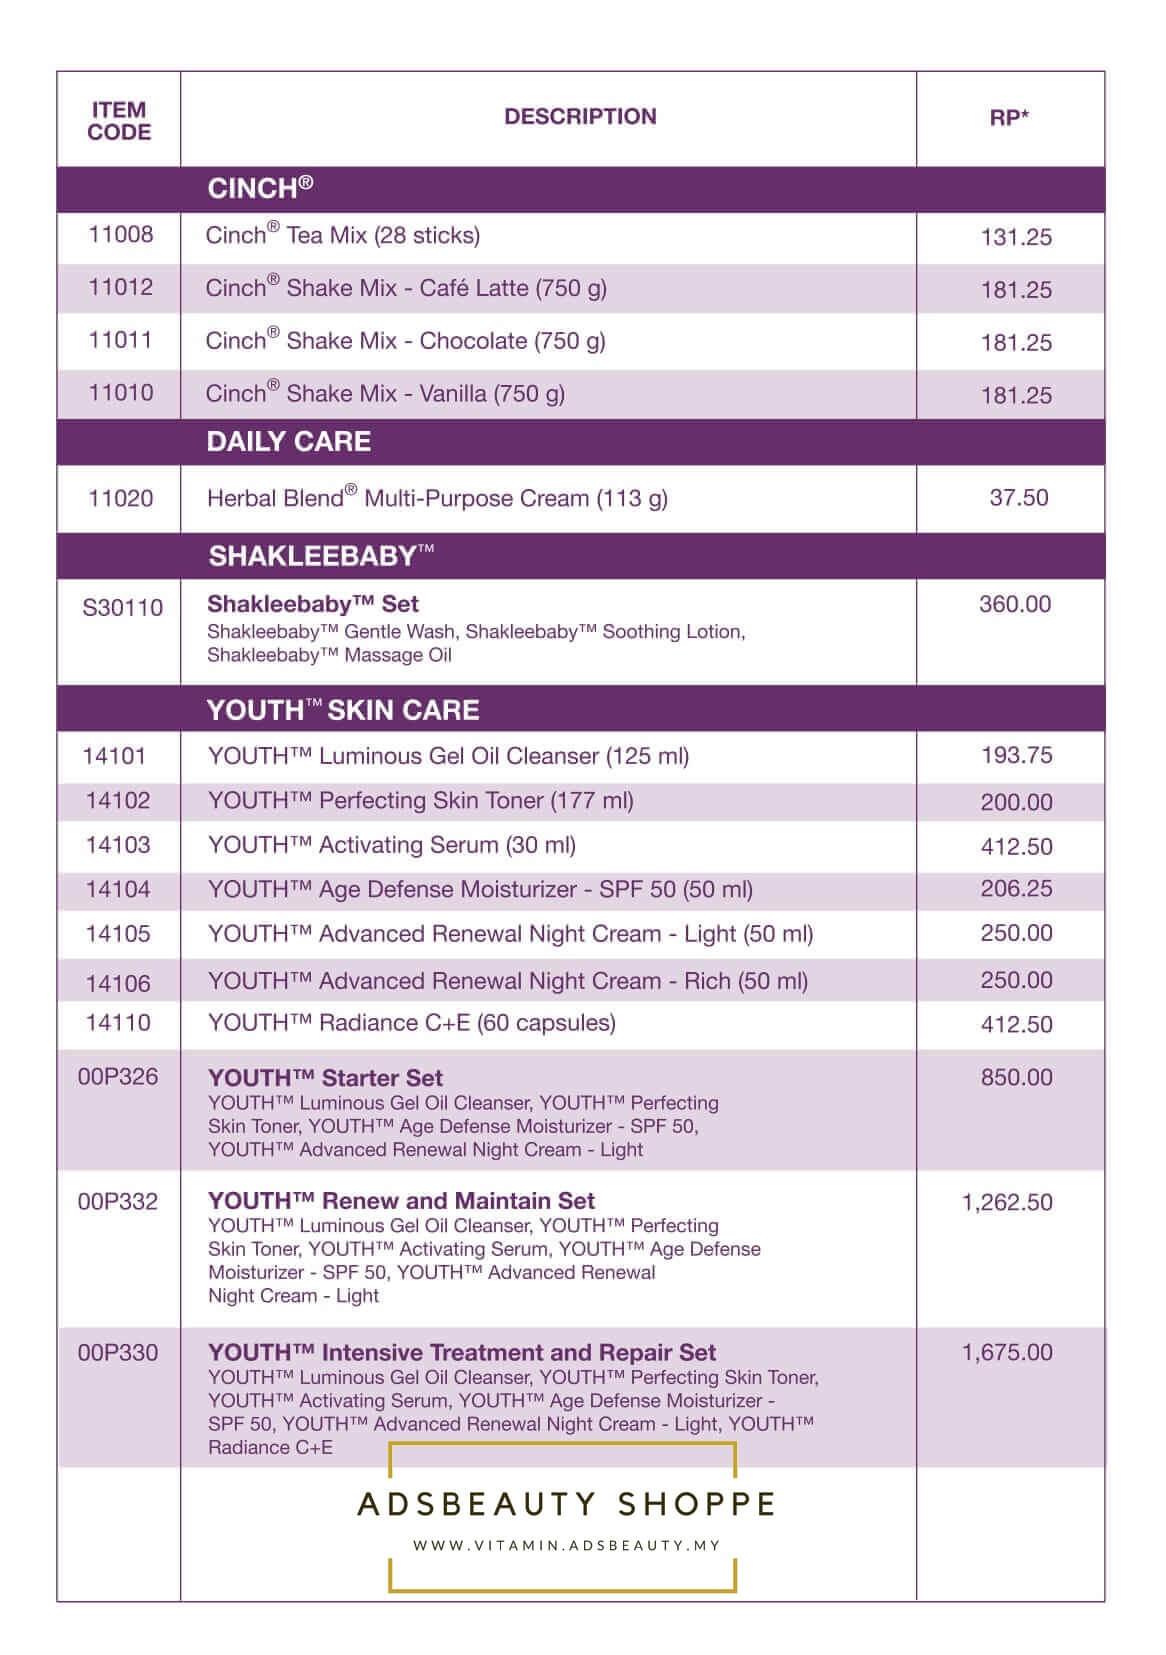 Senarai Harga Produk Shaklee 2018 Senarai Harga Shaklee 2018 Harga Ahli Shaklee 2018 Harga Ahli Produk Shaklee 2018 Terbaru Lengkap